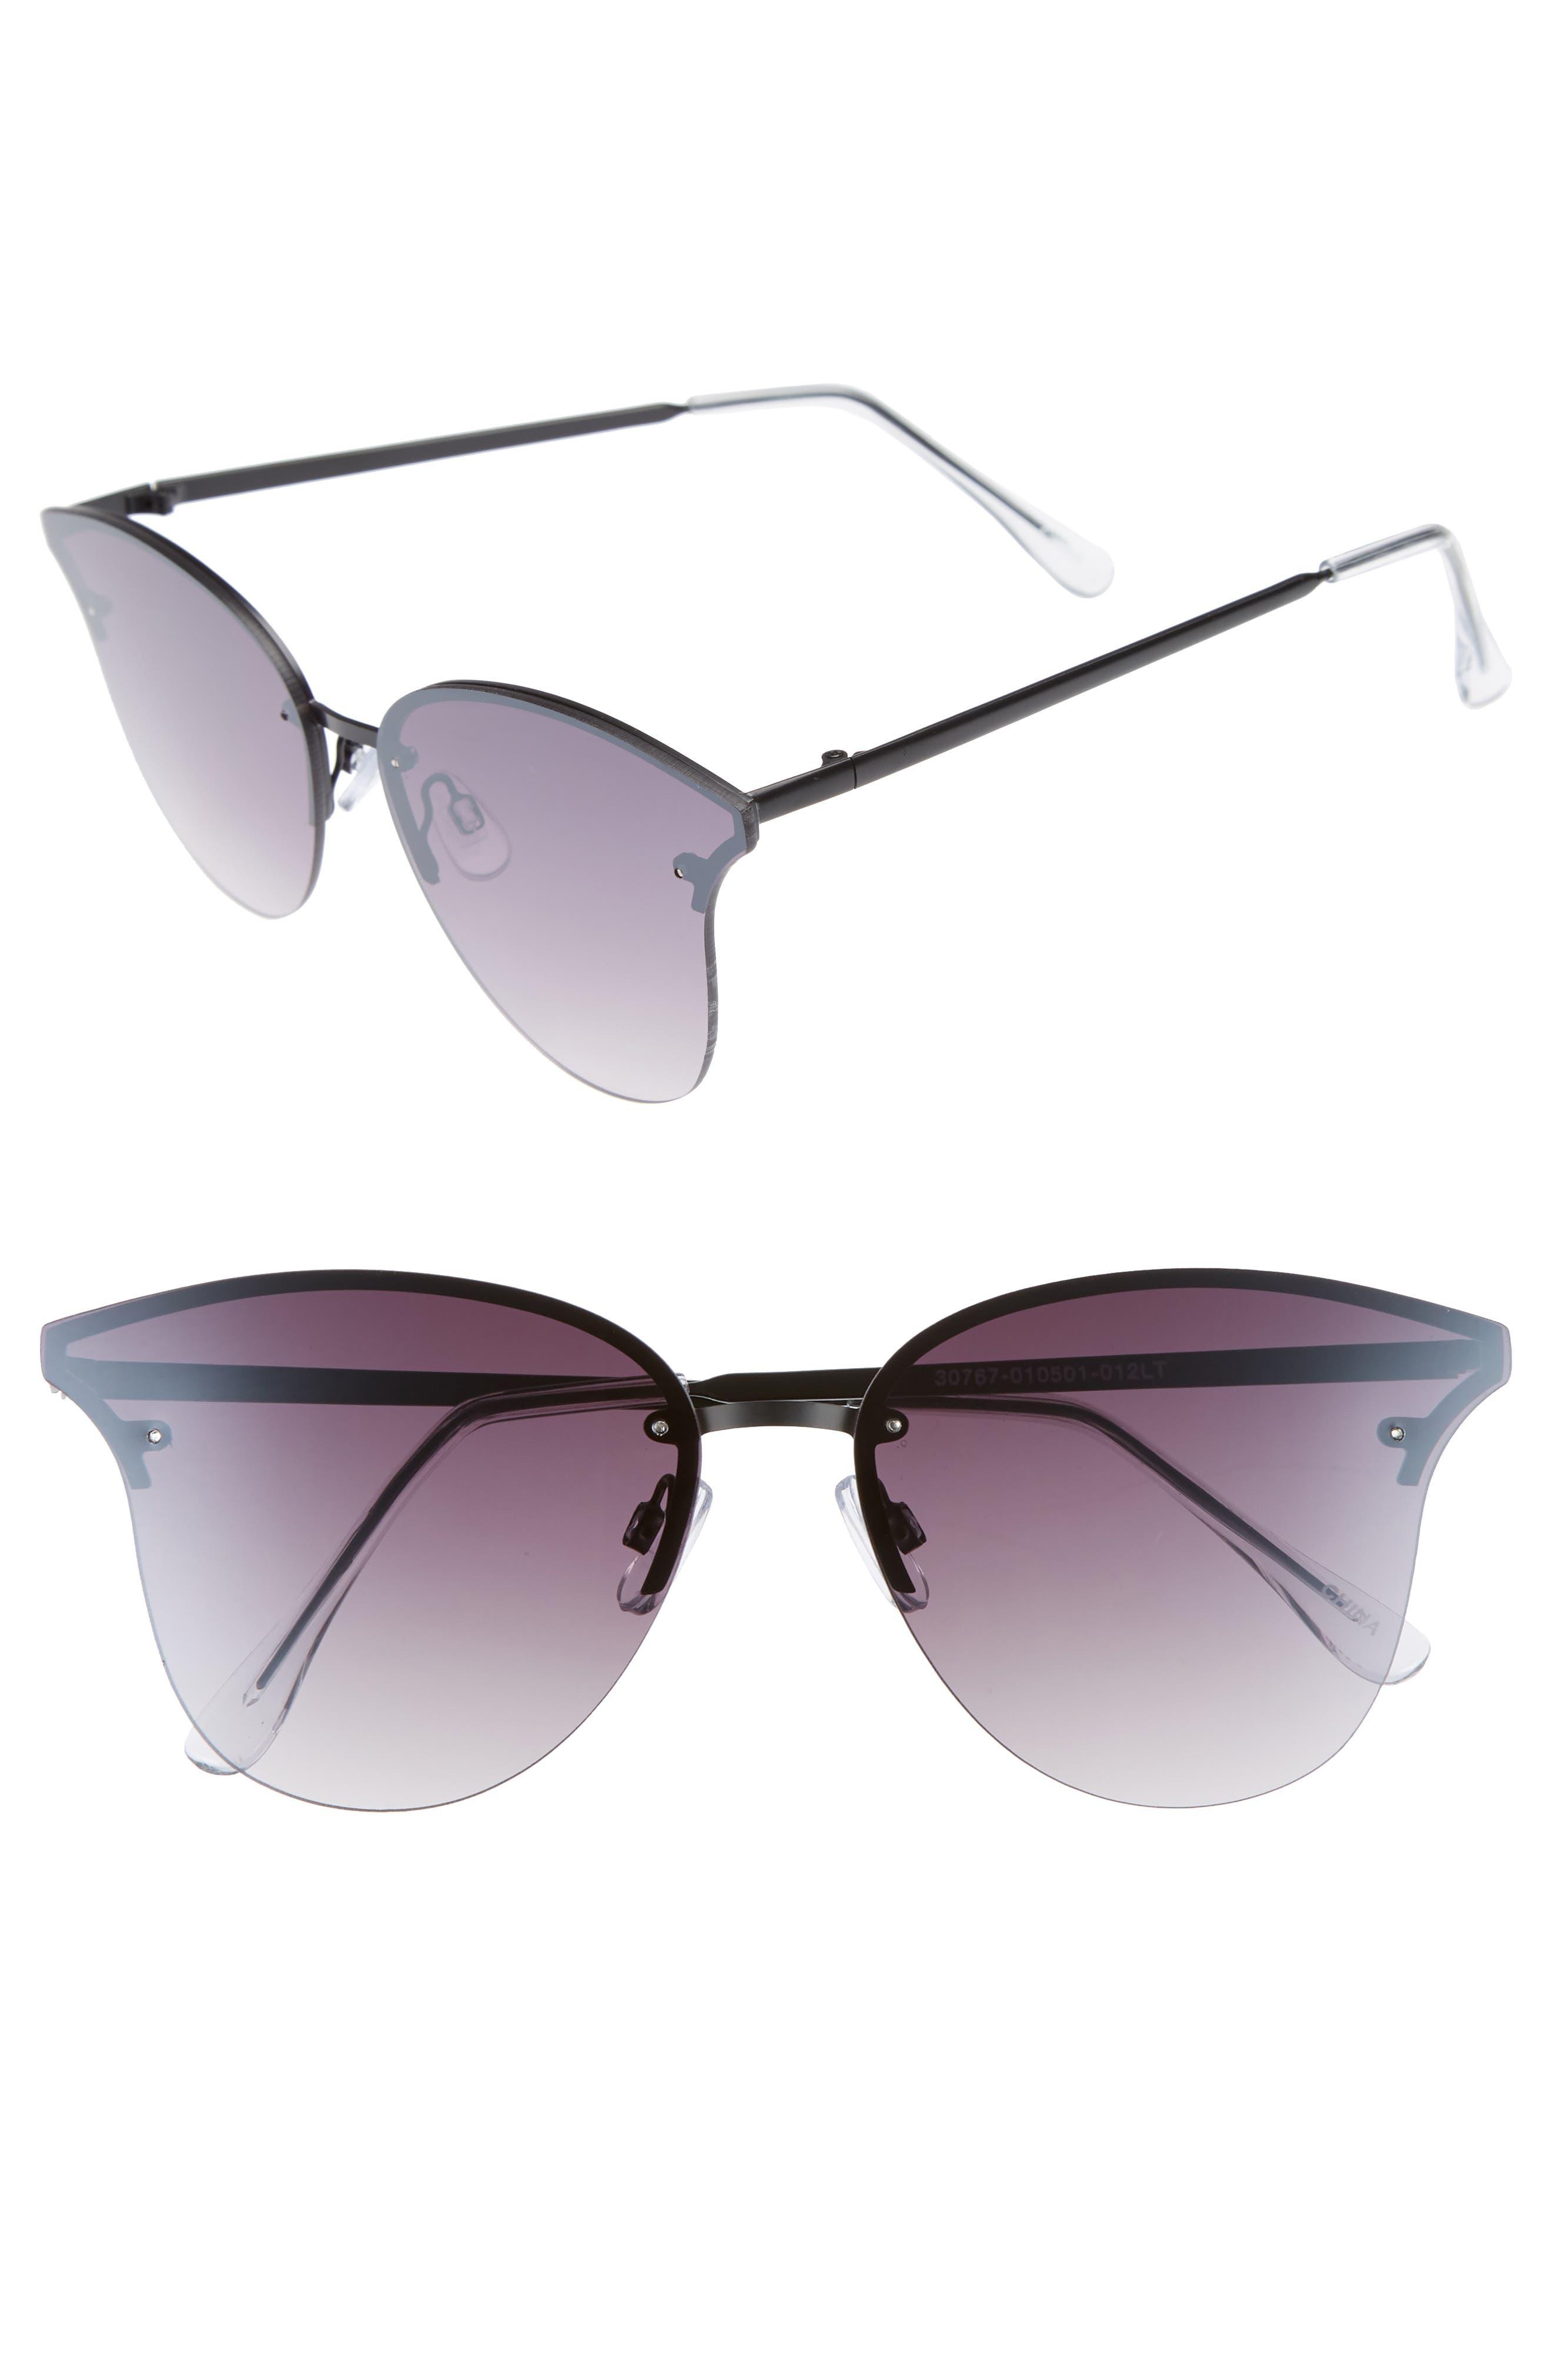 61mm Rimless Cat Eye Sunglasses,                             Main thumbnail 1, color,                             Black/ Black